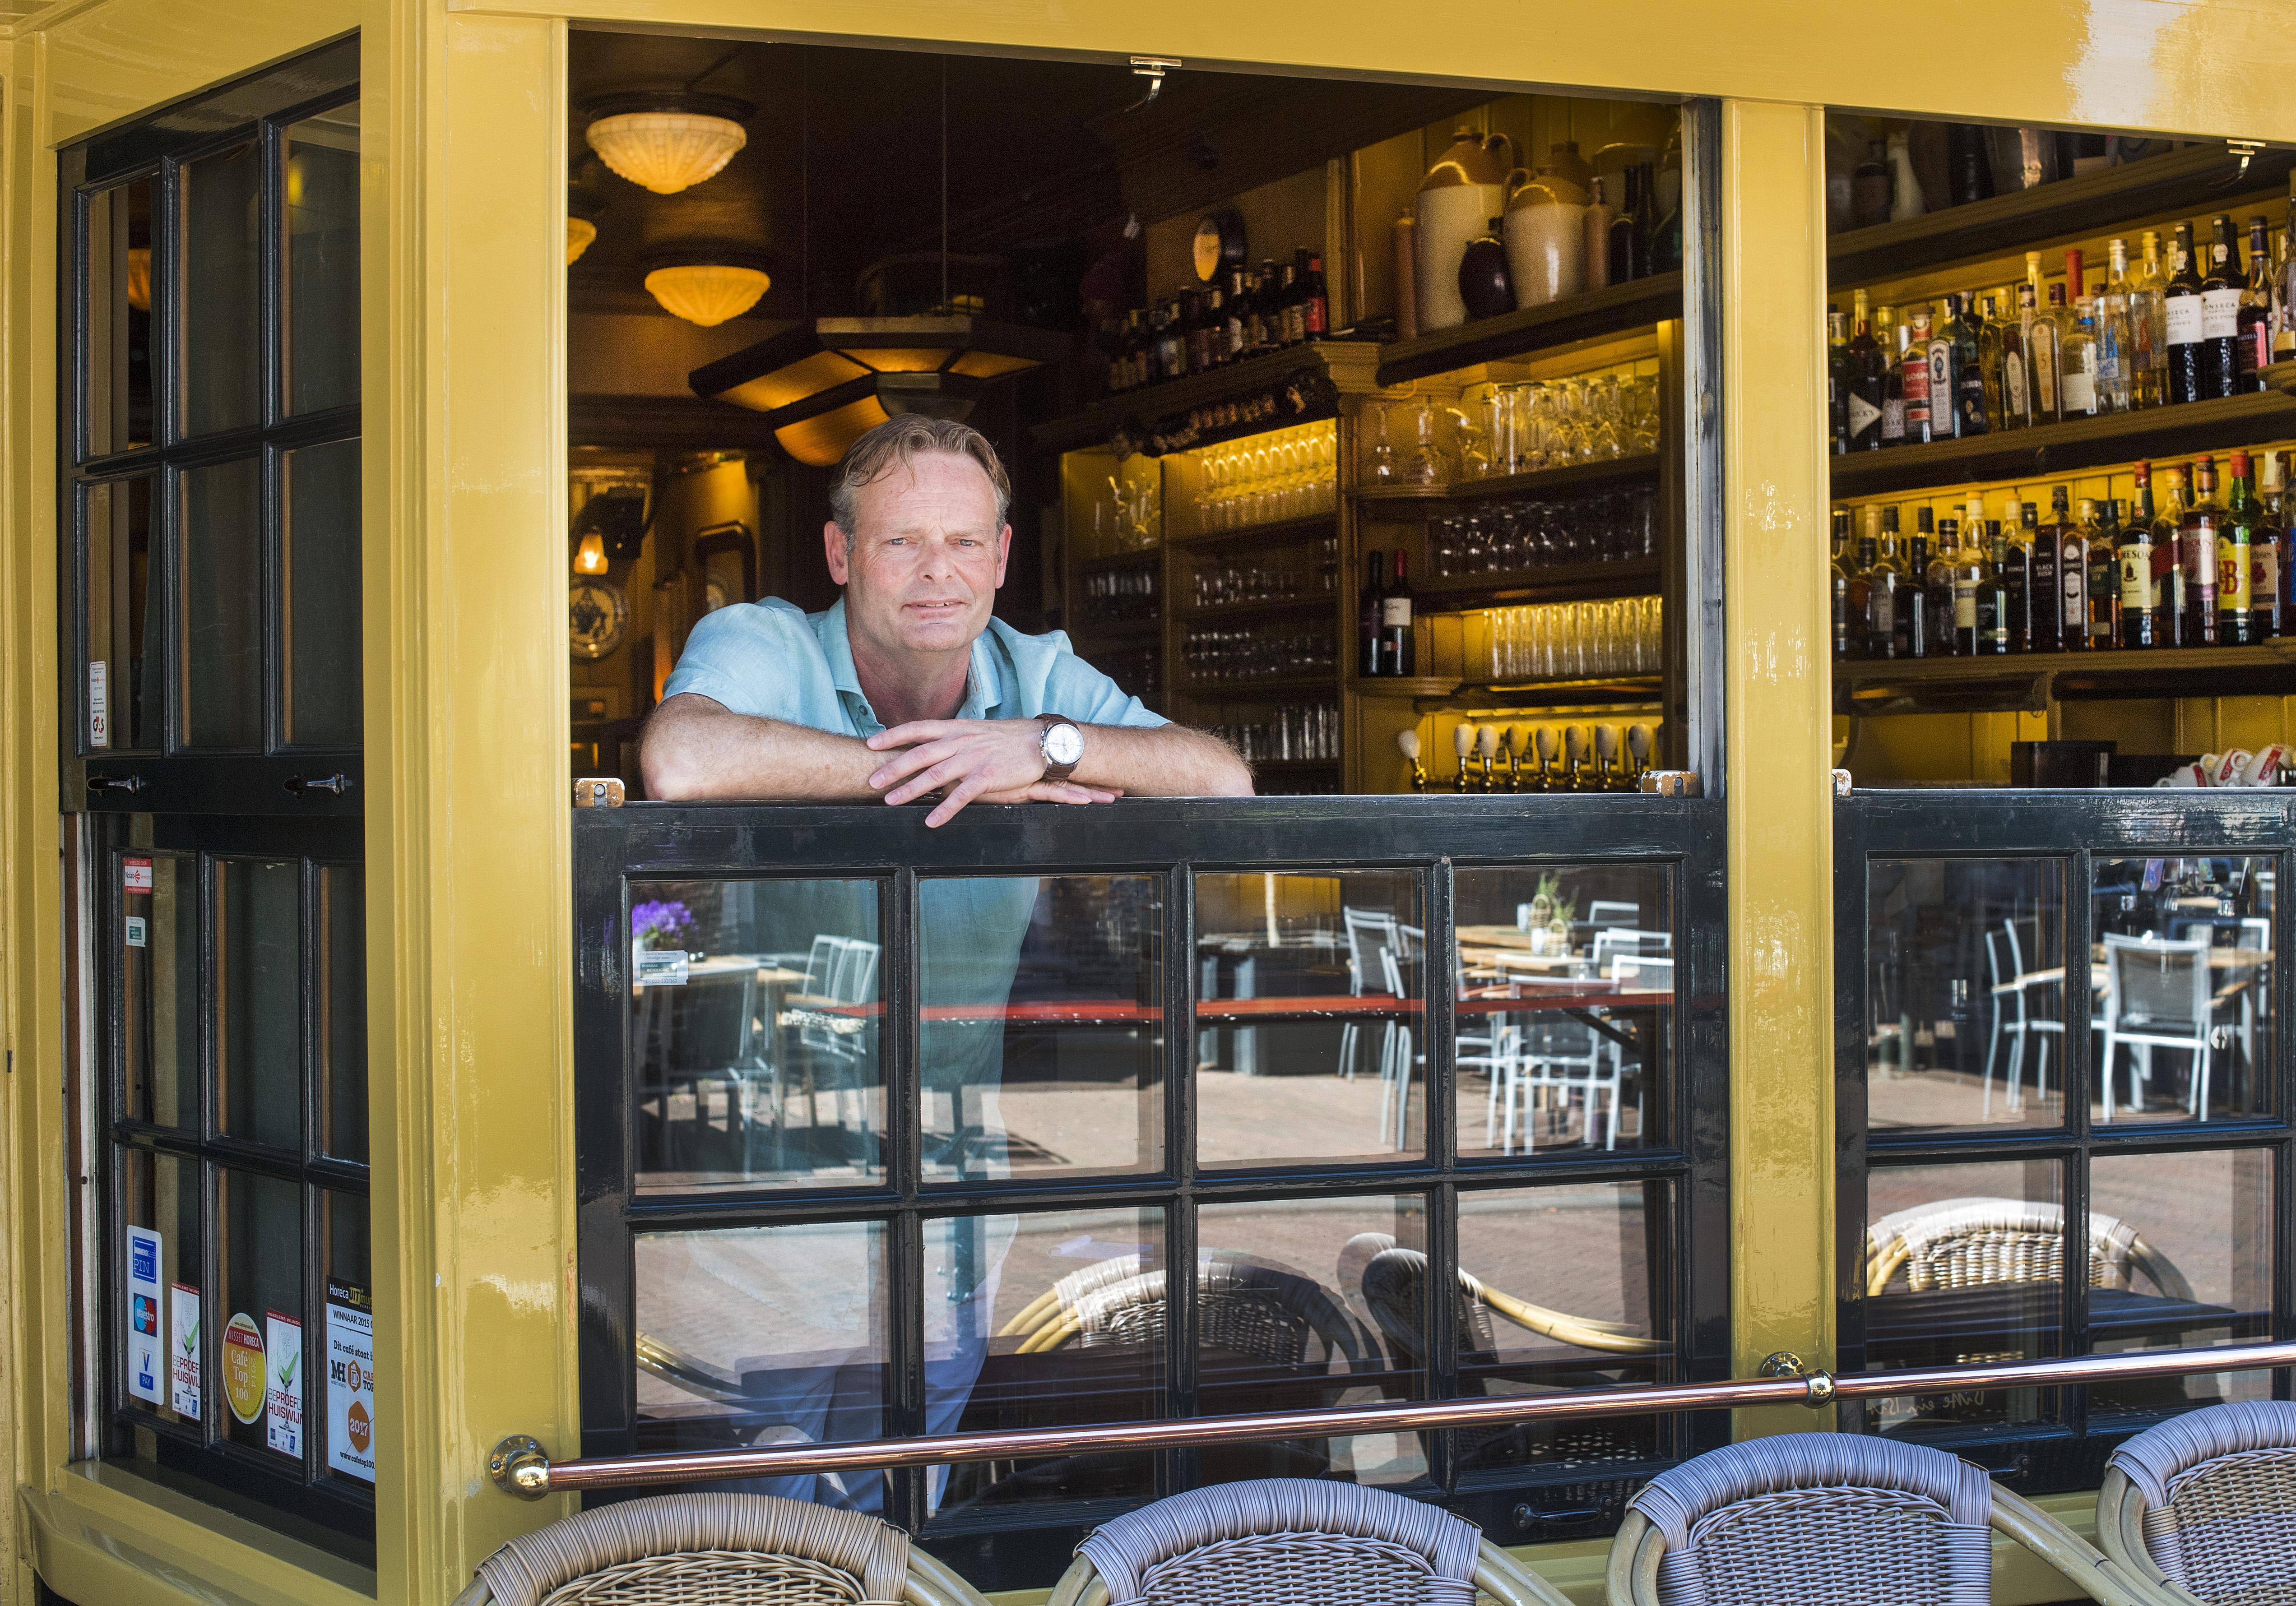 Cafés in Haarlem eerder open, nu ze al om 22 uur dicht moeten: 'Voorkomen dat je je gasten verliest'